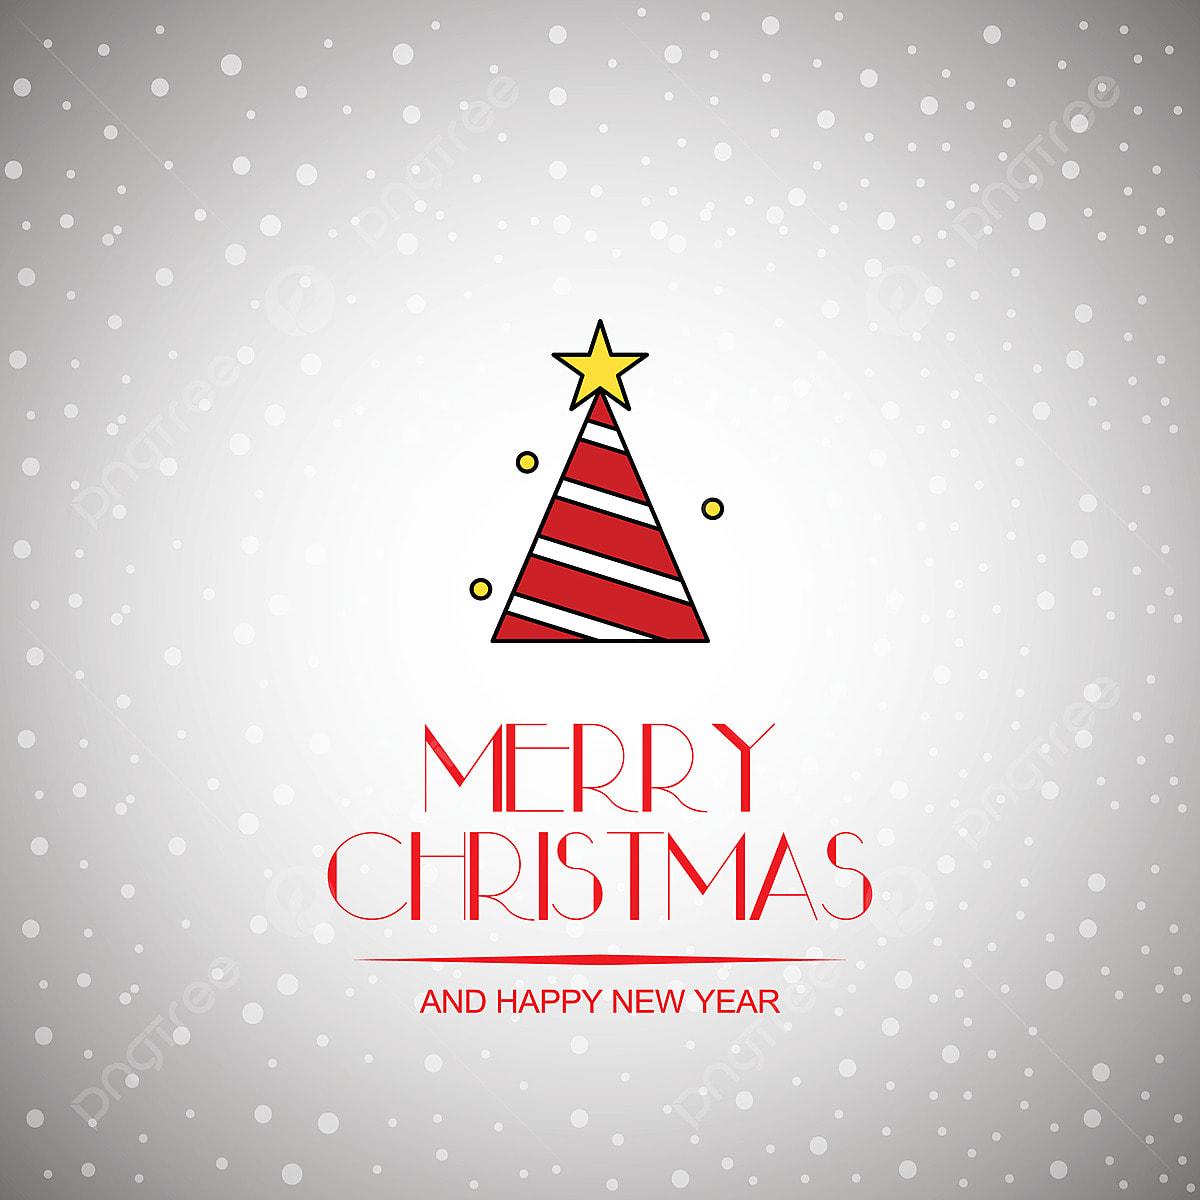 Frohe Weihnachten Text Karte.Frohe Weihnachten Text Kalligraphie Schriftzug Design Mit